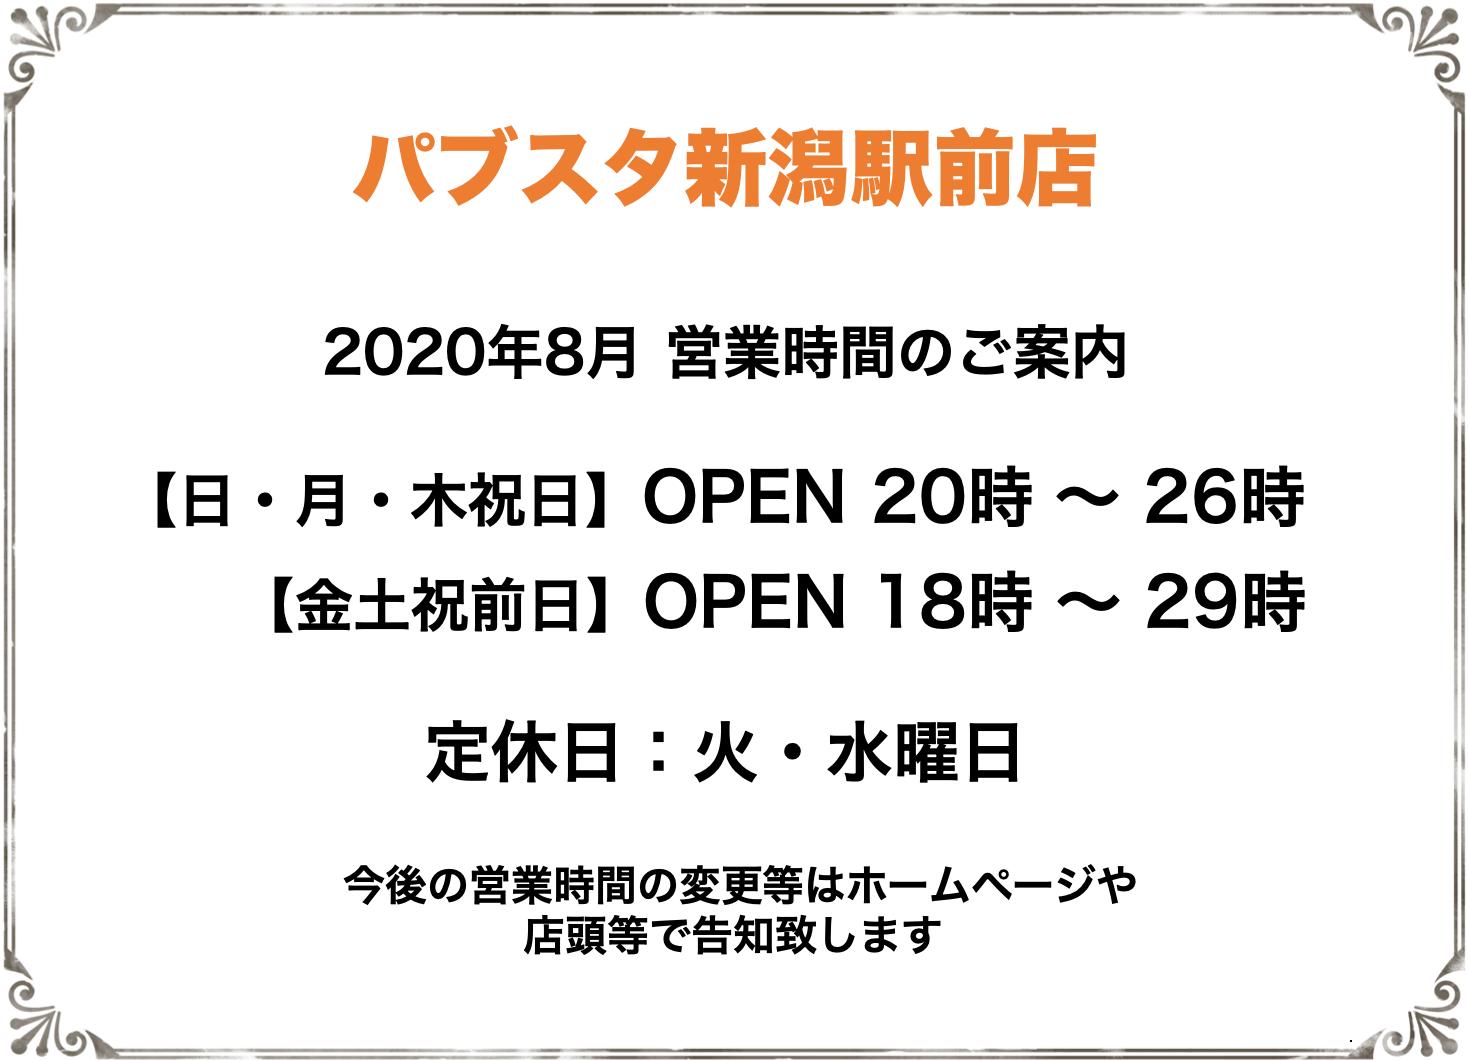 パブスタ新潟駅前営業再開